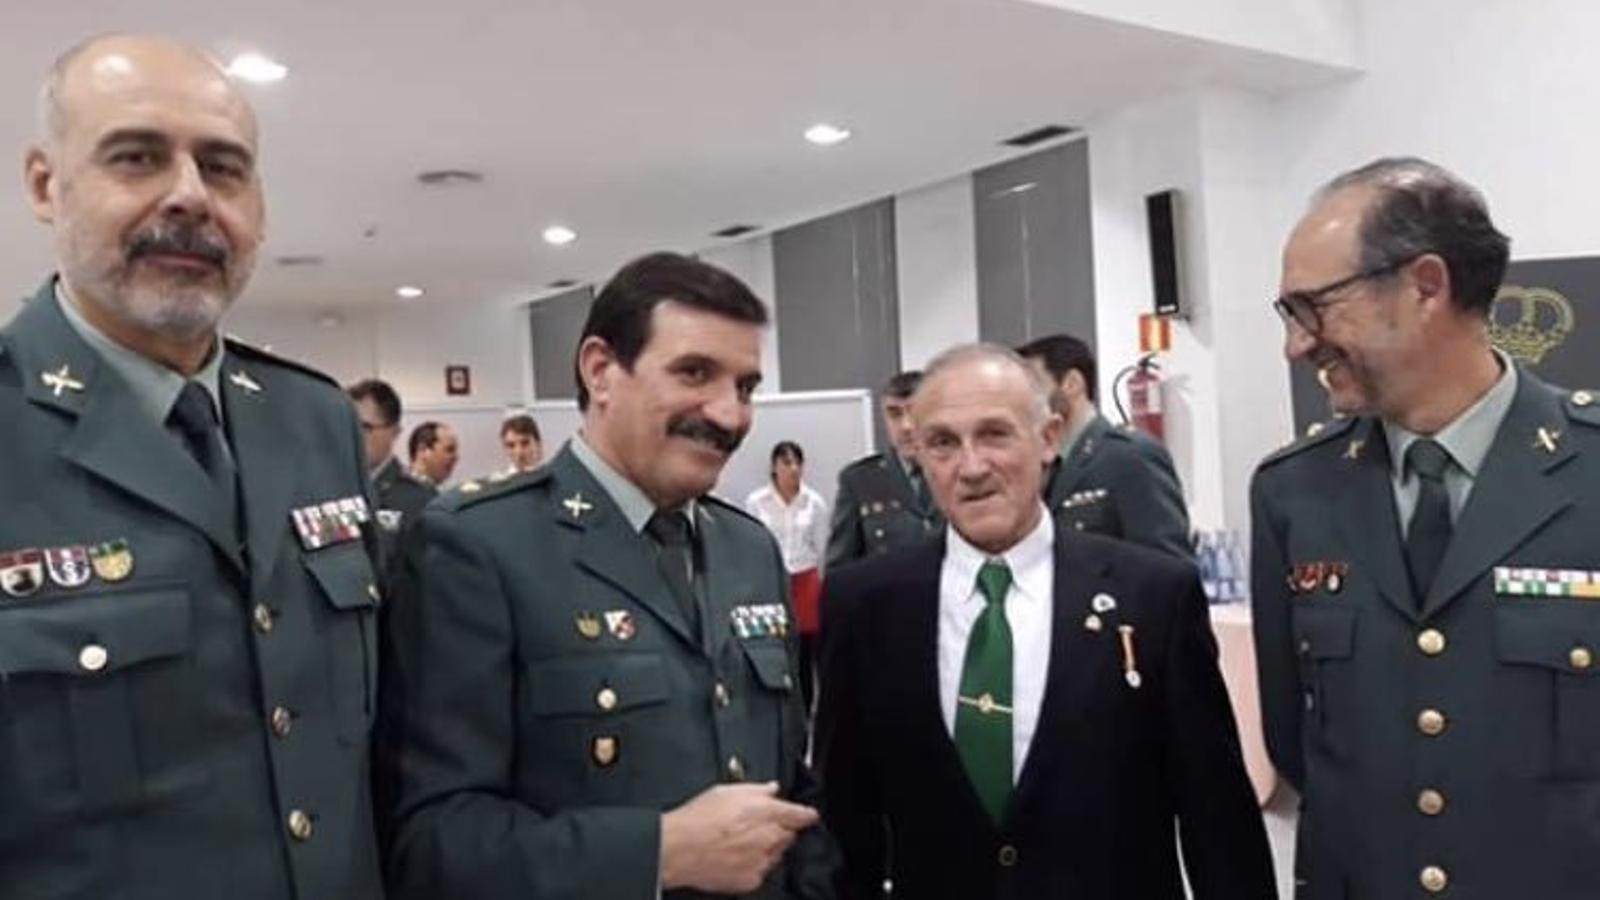 El franctirador que volia matar Sánchez apareix fotografiat amb guàrdies civils